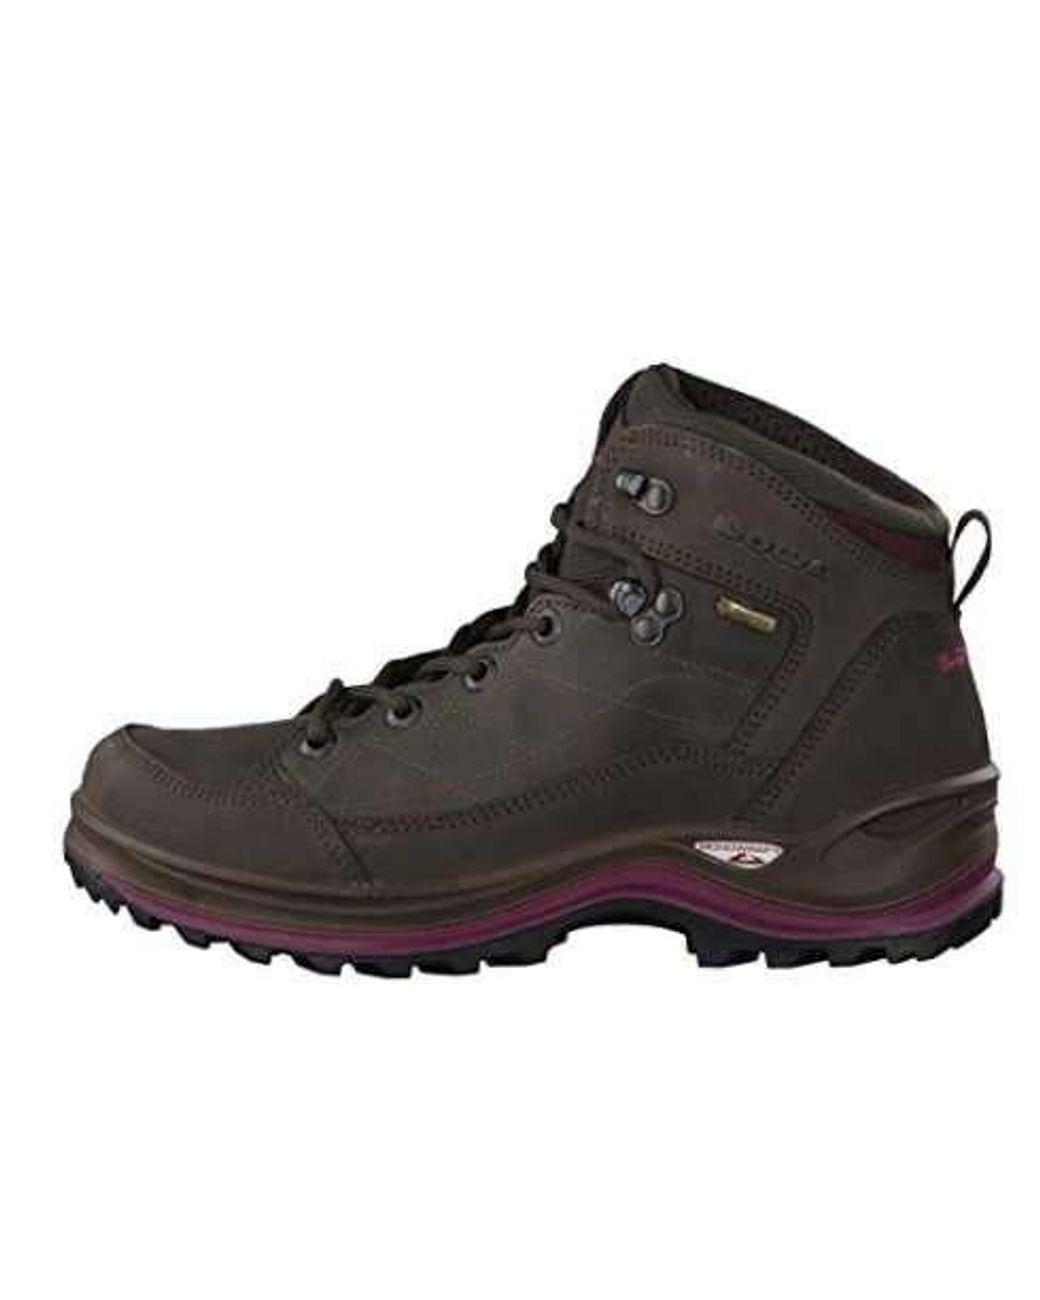 besserer Preis 60% günstig beliebt kaufen Lowa Leather Wo Hiking Shoes Brown Bormio Gtx 320914 7487 ...